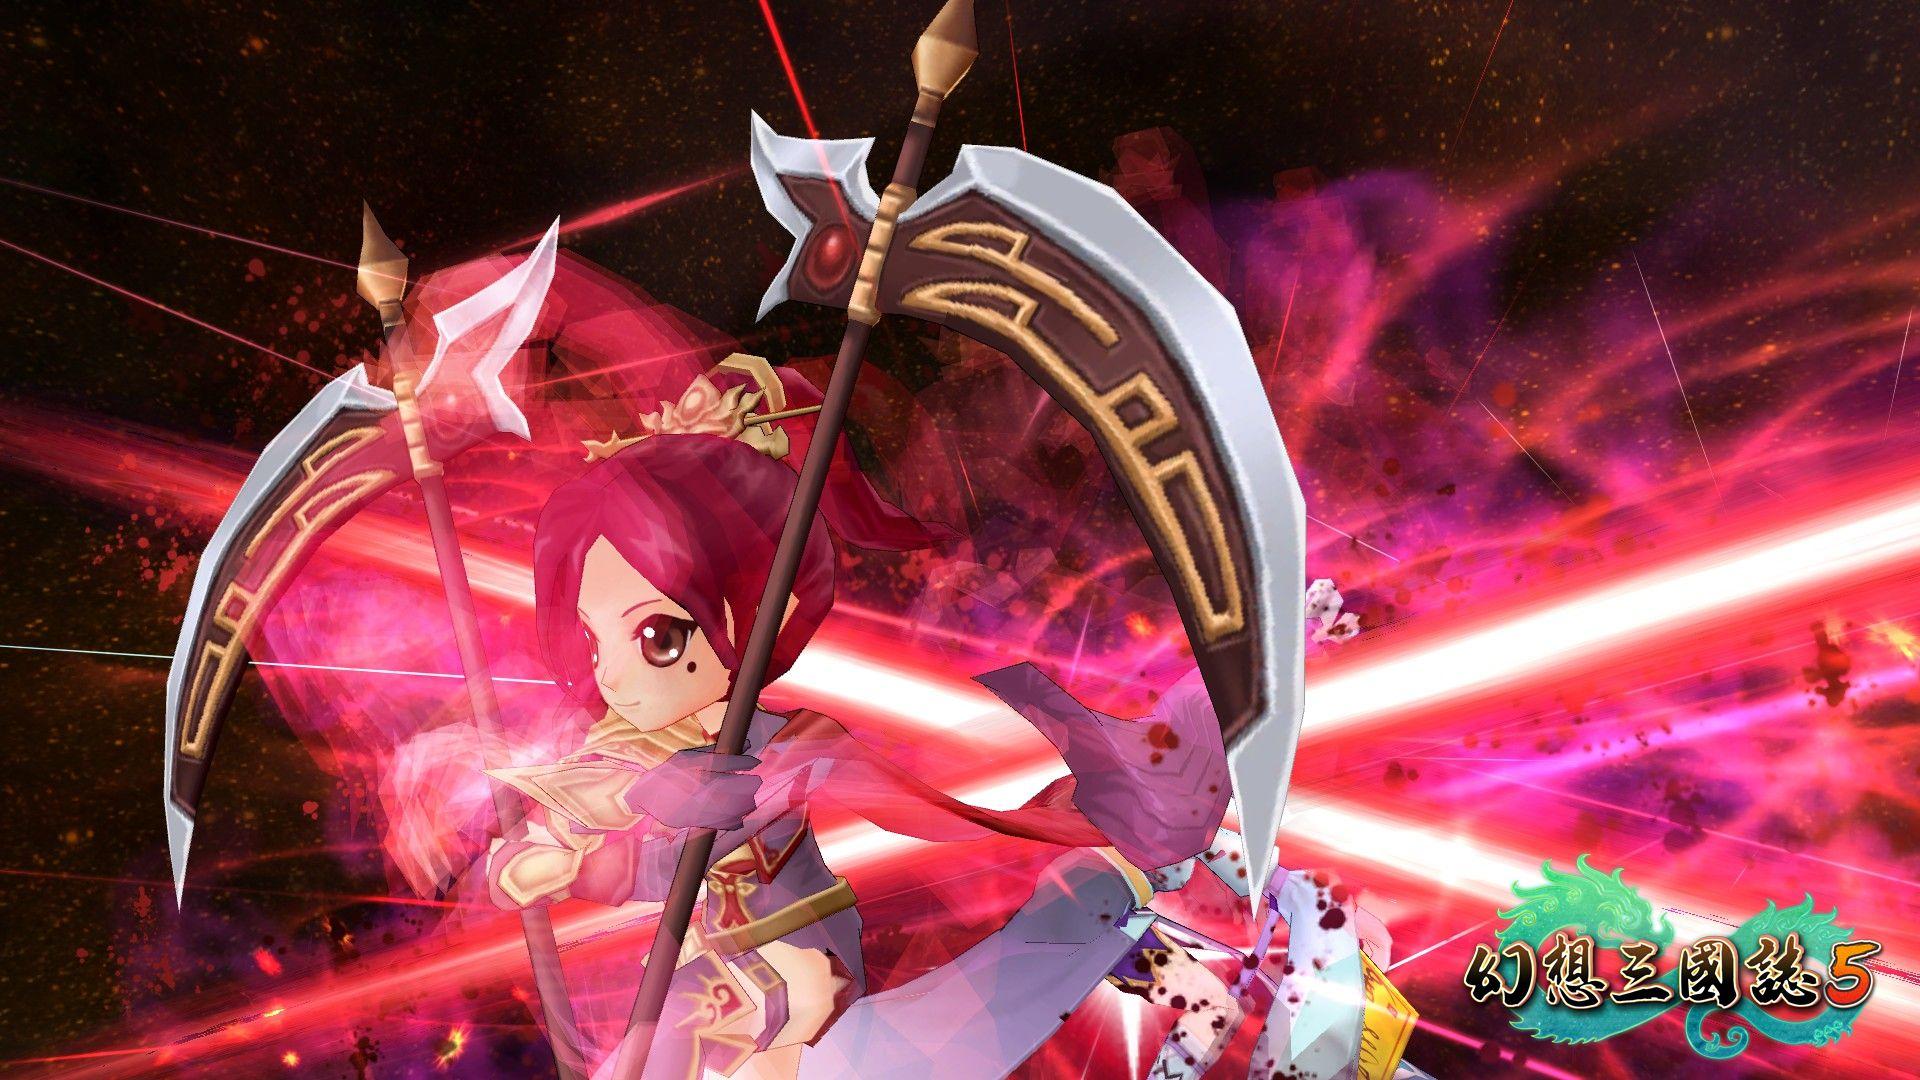 Steam で 50% オフ:幻想三國誌5/Fantasia Sango 5